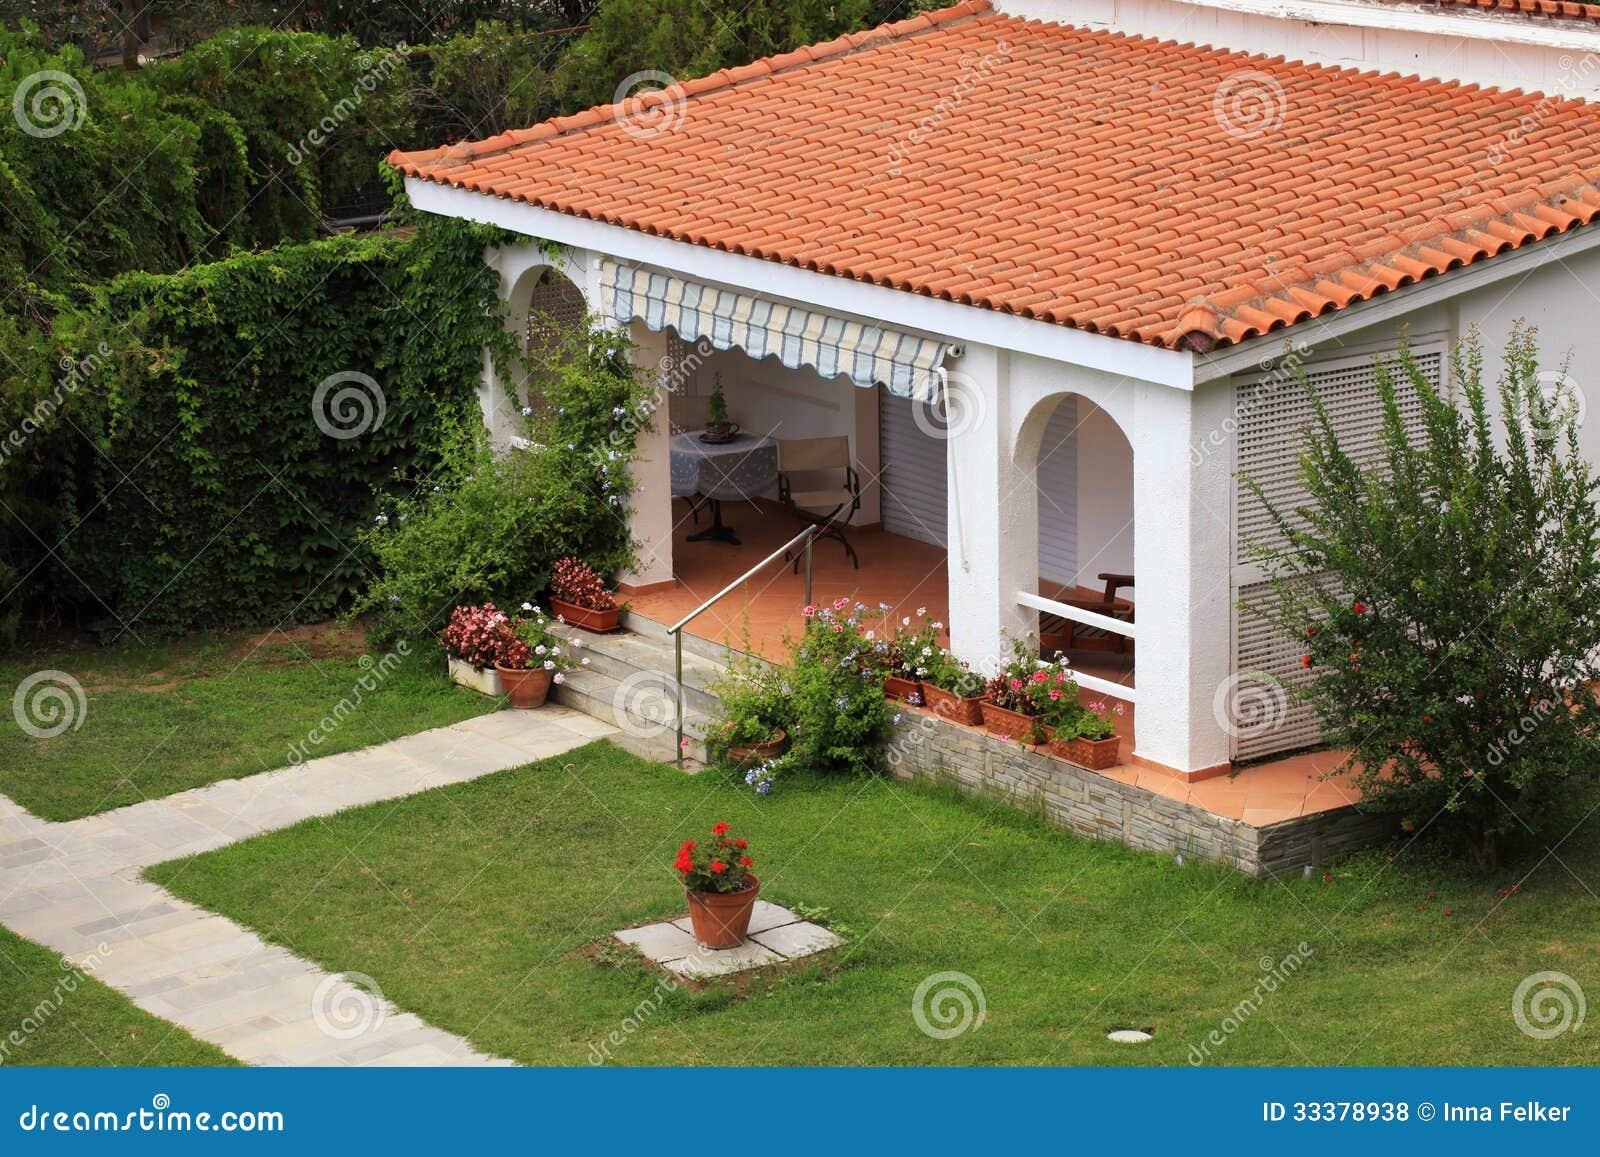 sch nes wei es haus mit kleiner terrasse im garten lizenzfreie stockfotos bild 33378938. Black Bedroom Furniture Sets. Home Design Ideas